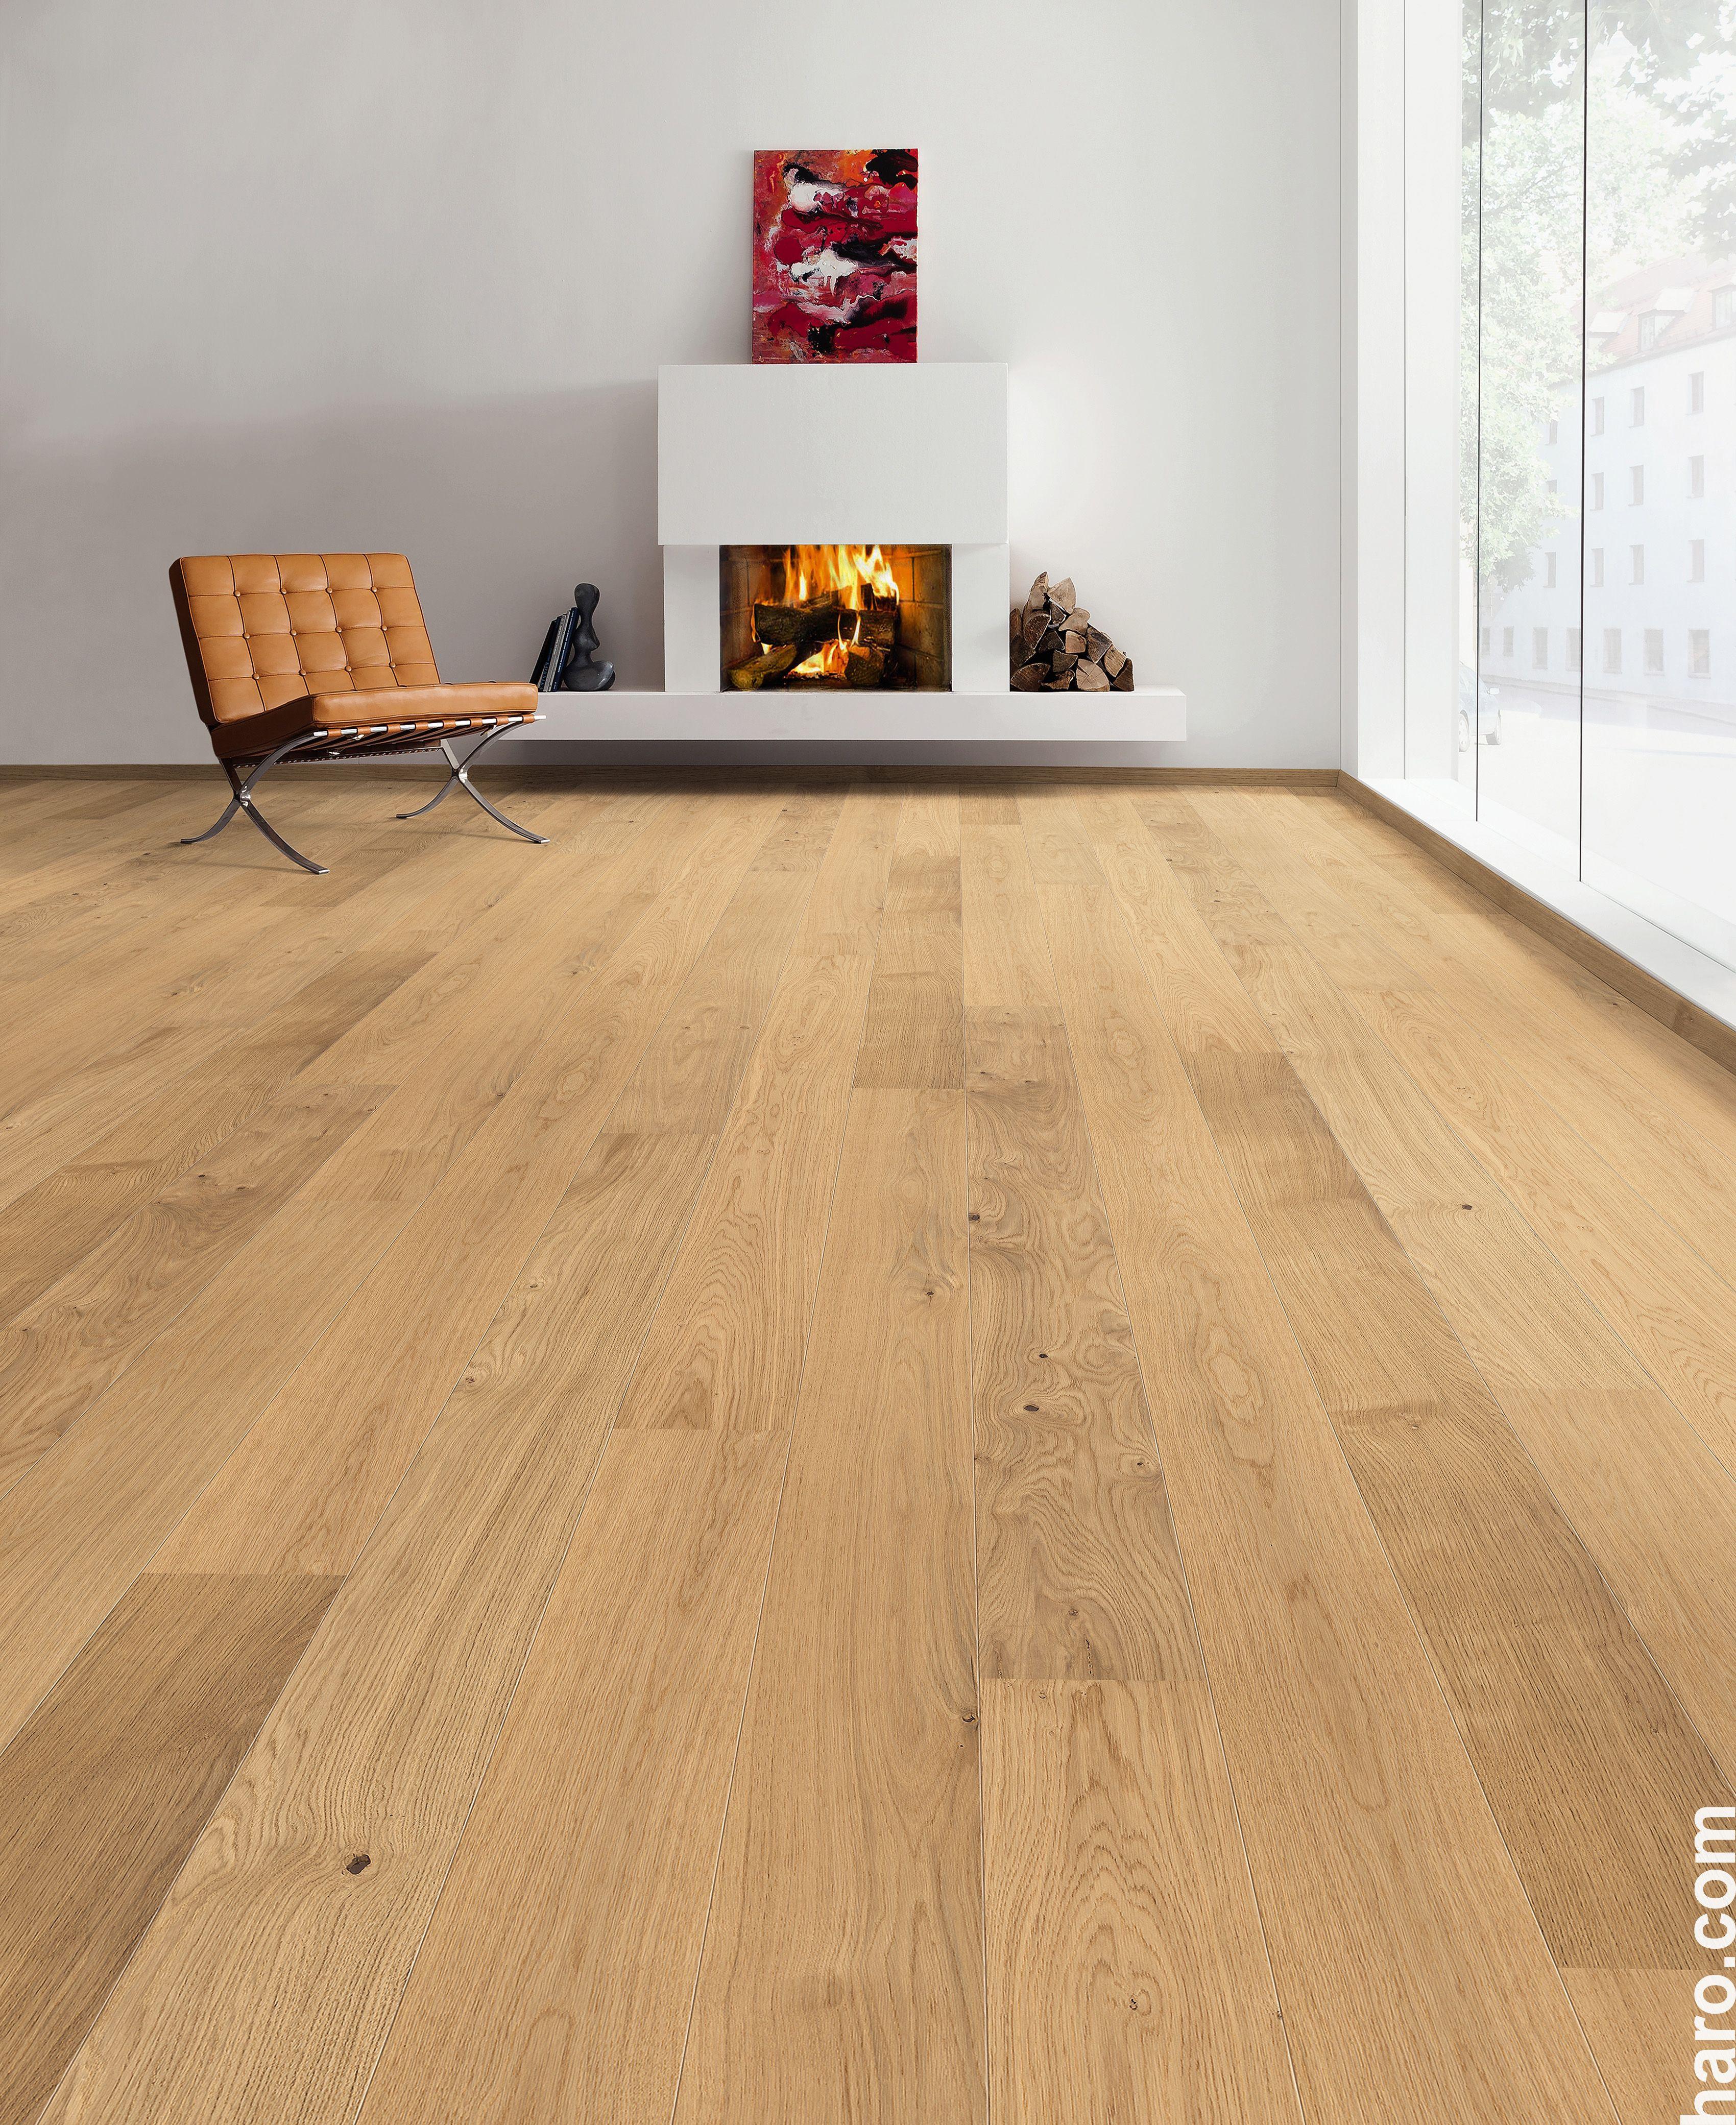 hardwood flooring reno of haro parkett 4000 landhausdiele 2v eiche markant strukturiert biotec with regard to die parkett landhausdiele eiche markant strukturiert bringt wa¤rme und gema¼tlichkeit in jedes wohnzimmer parquet haro